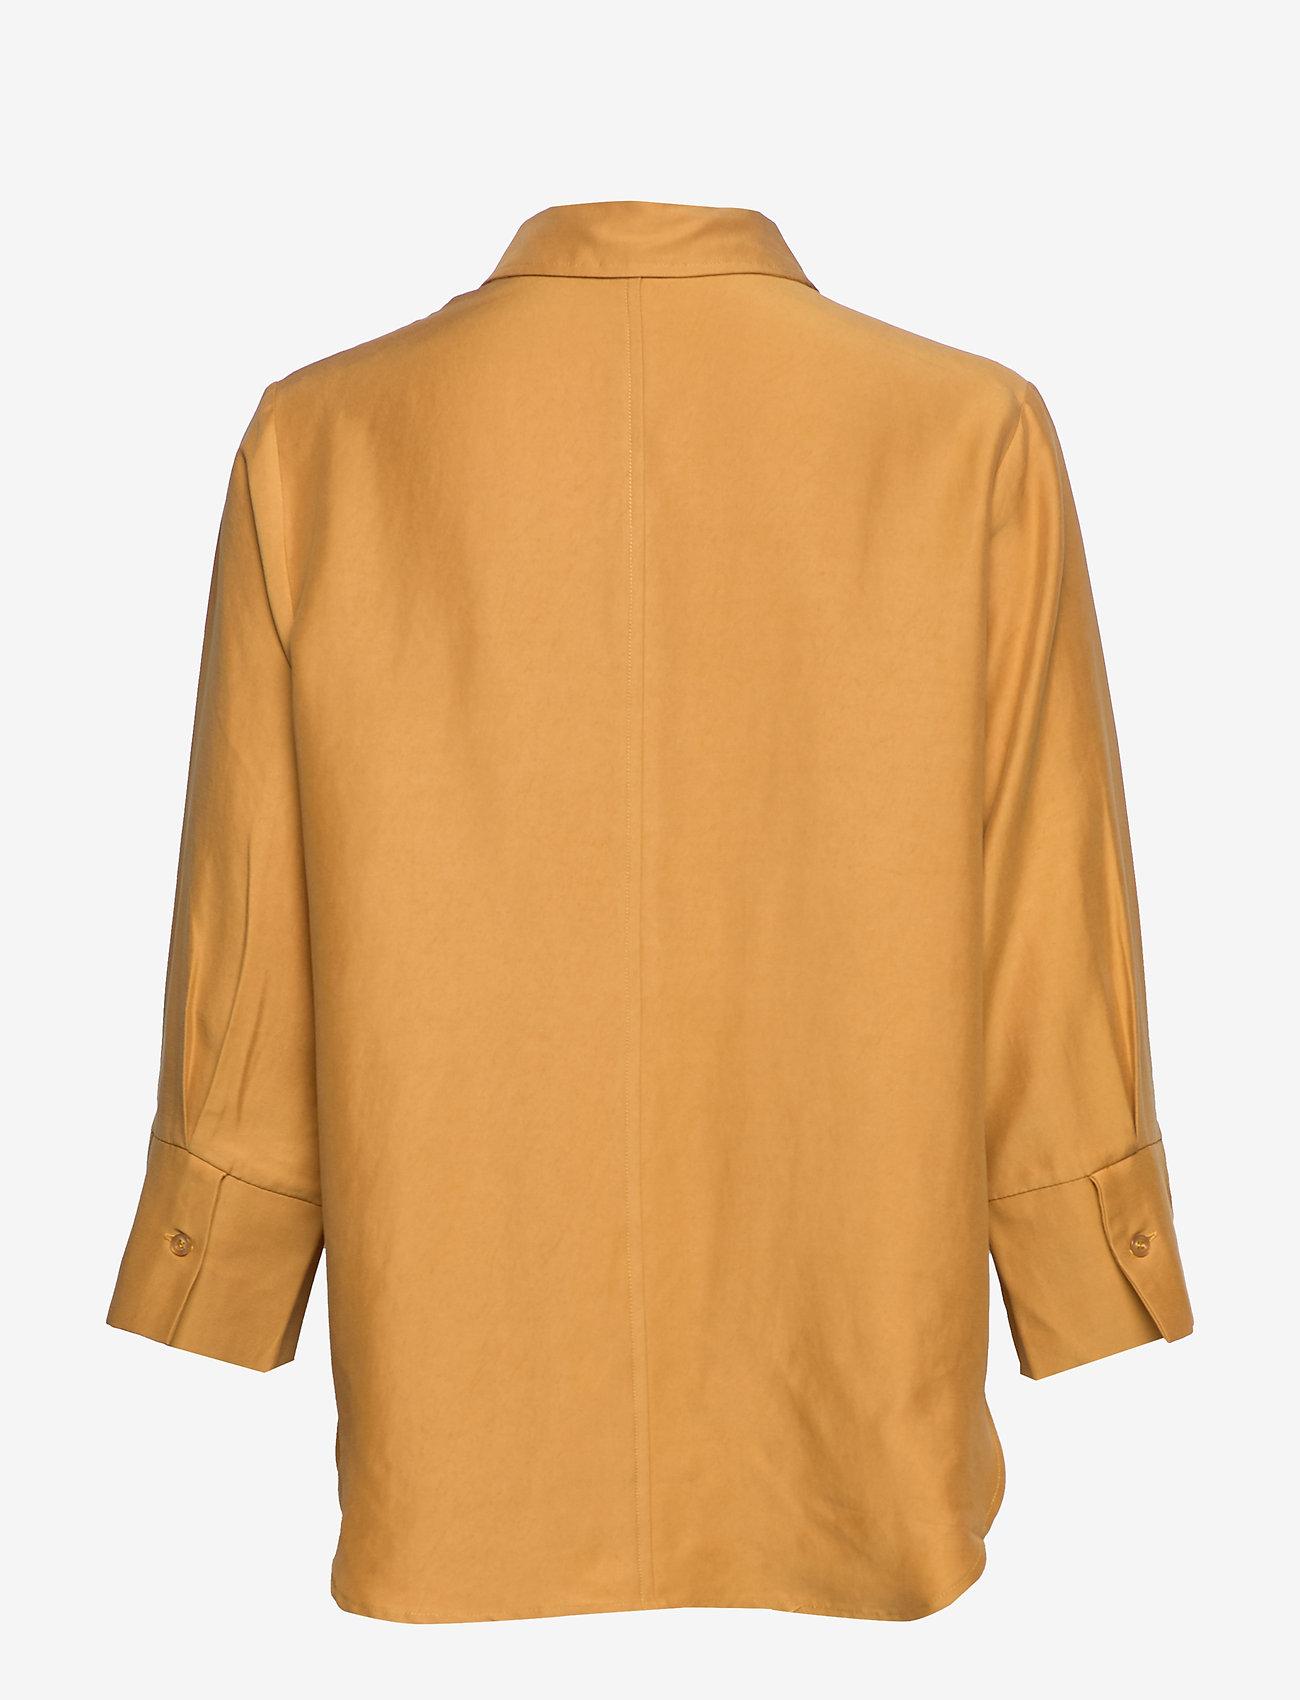 IBEN - Teon Shirt STG - pitkähihaiset paidat - spice